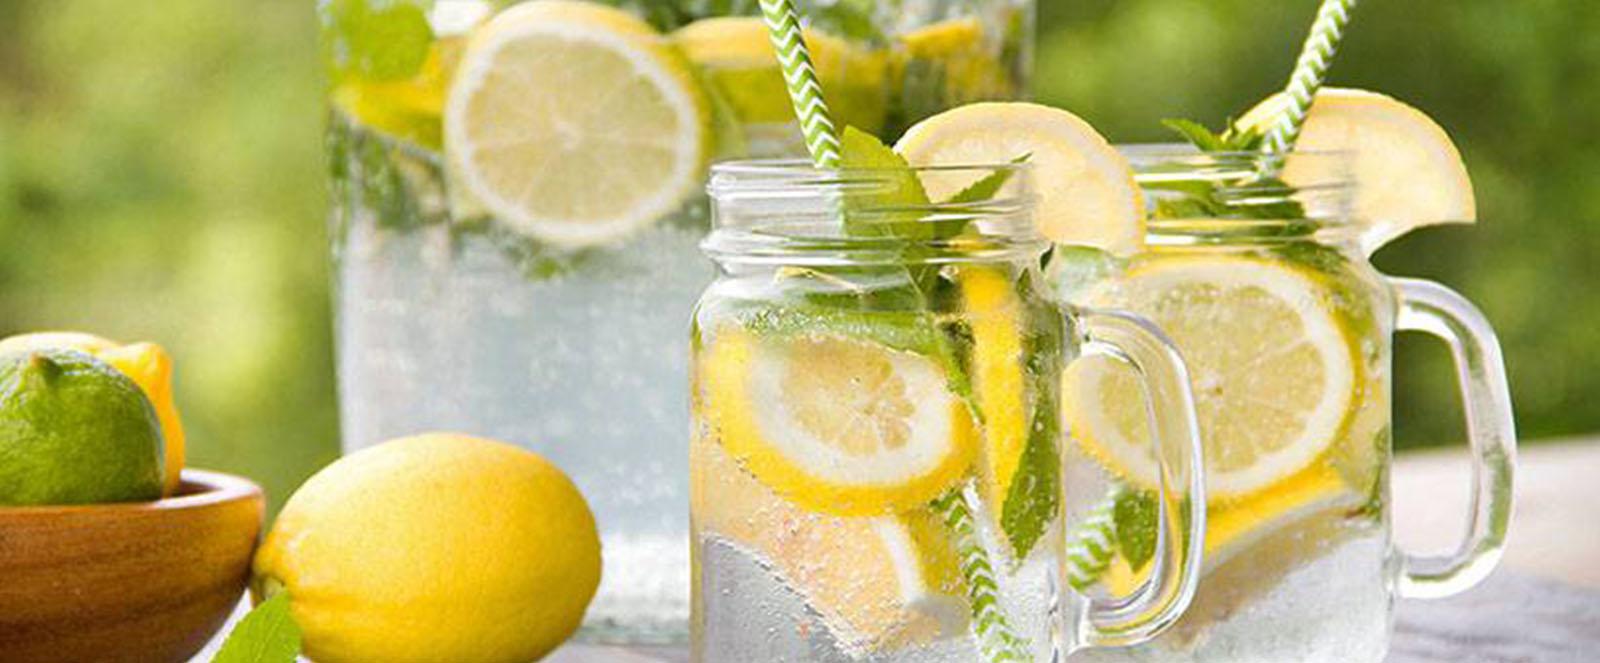 Discover the power of lemon - Die Vorteile von Zitronenwasser